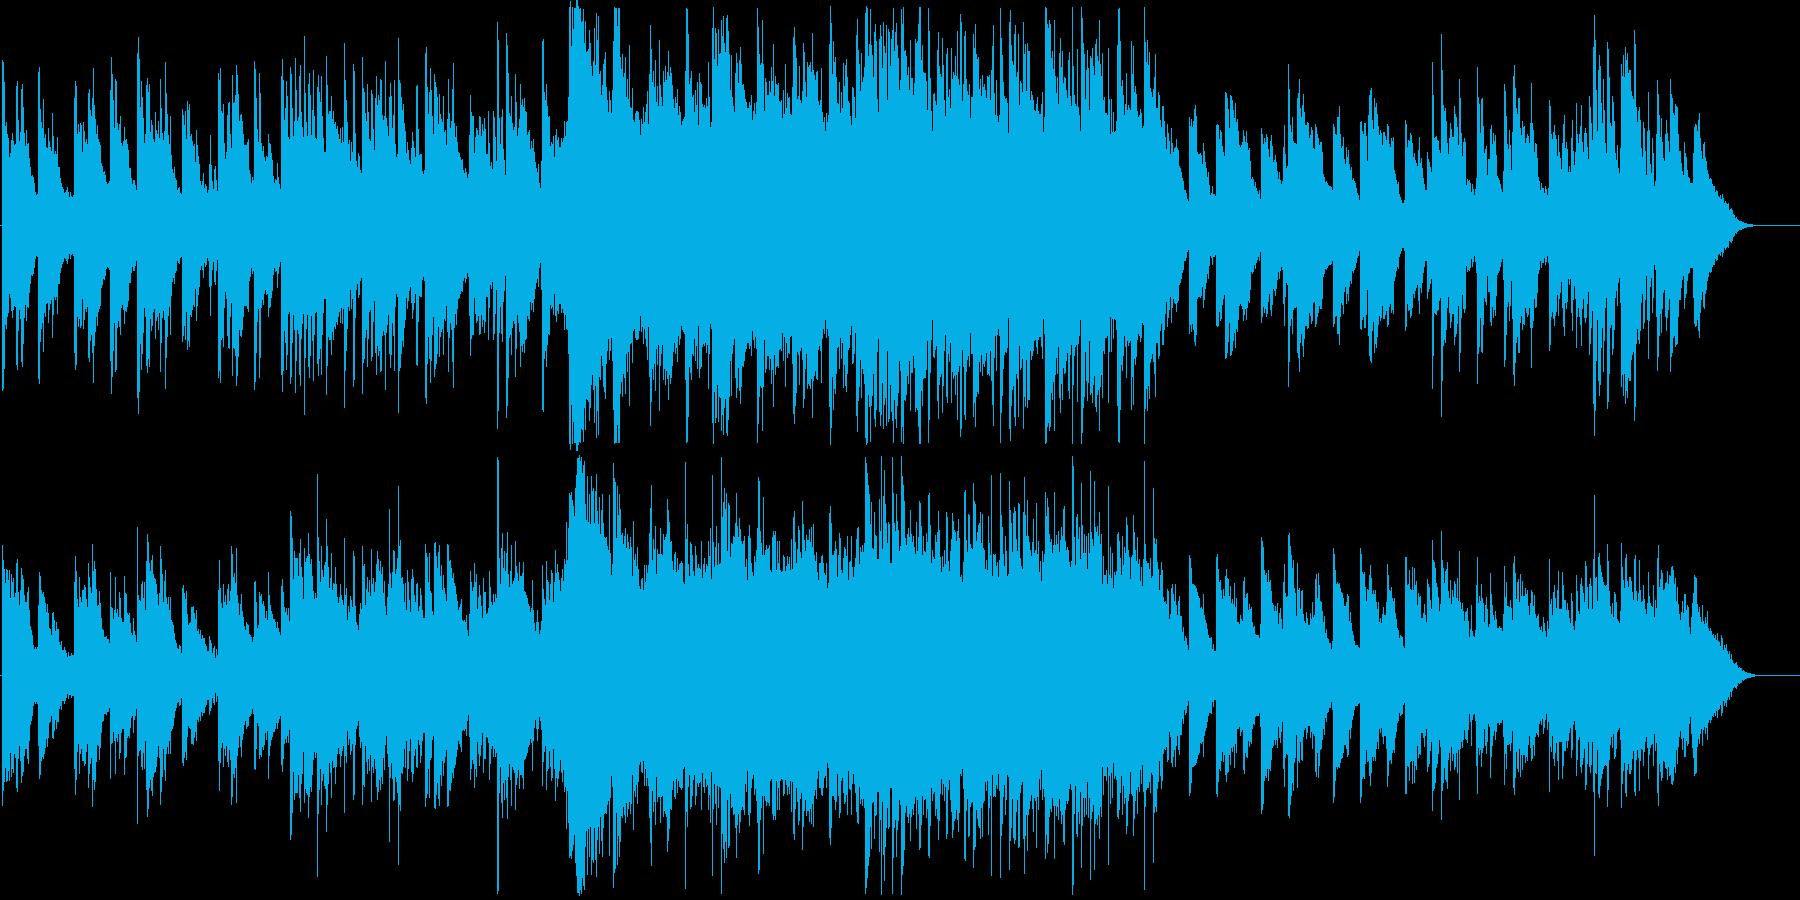 森の中に迷い込んだ幻想的ピアノバラードの再生済みの波形